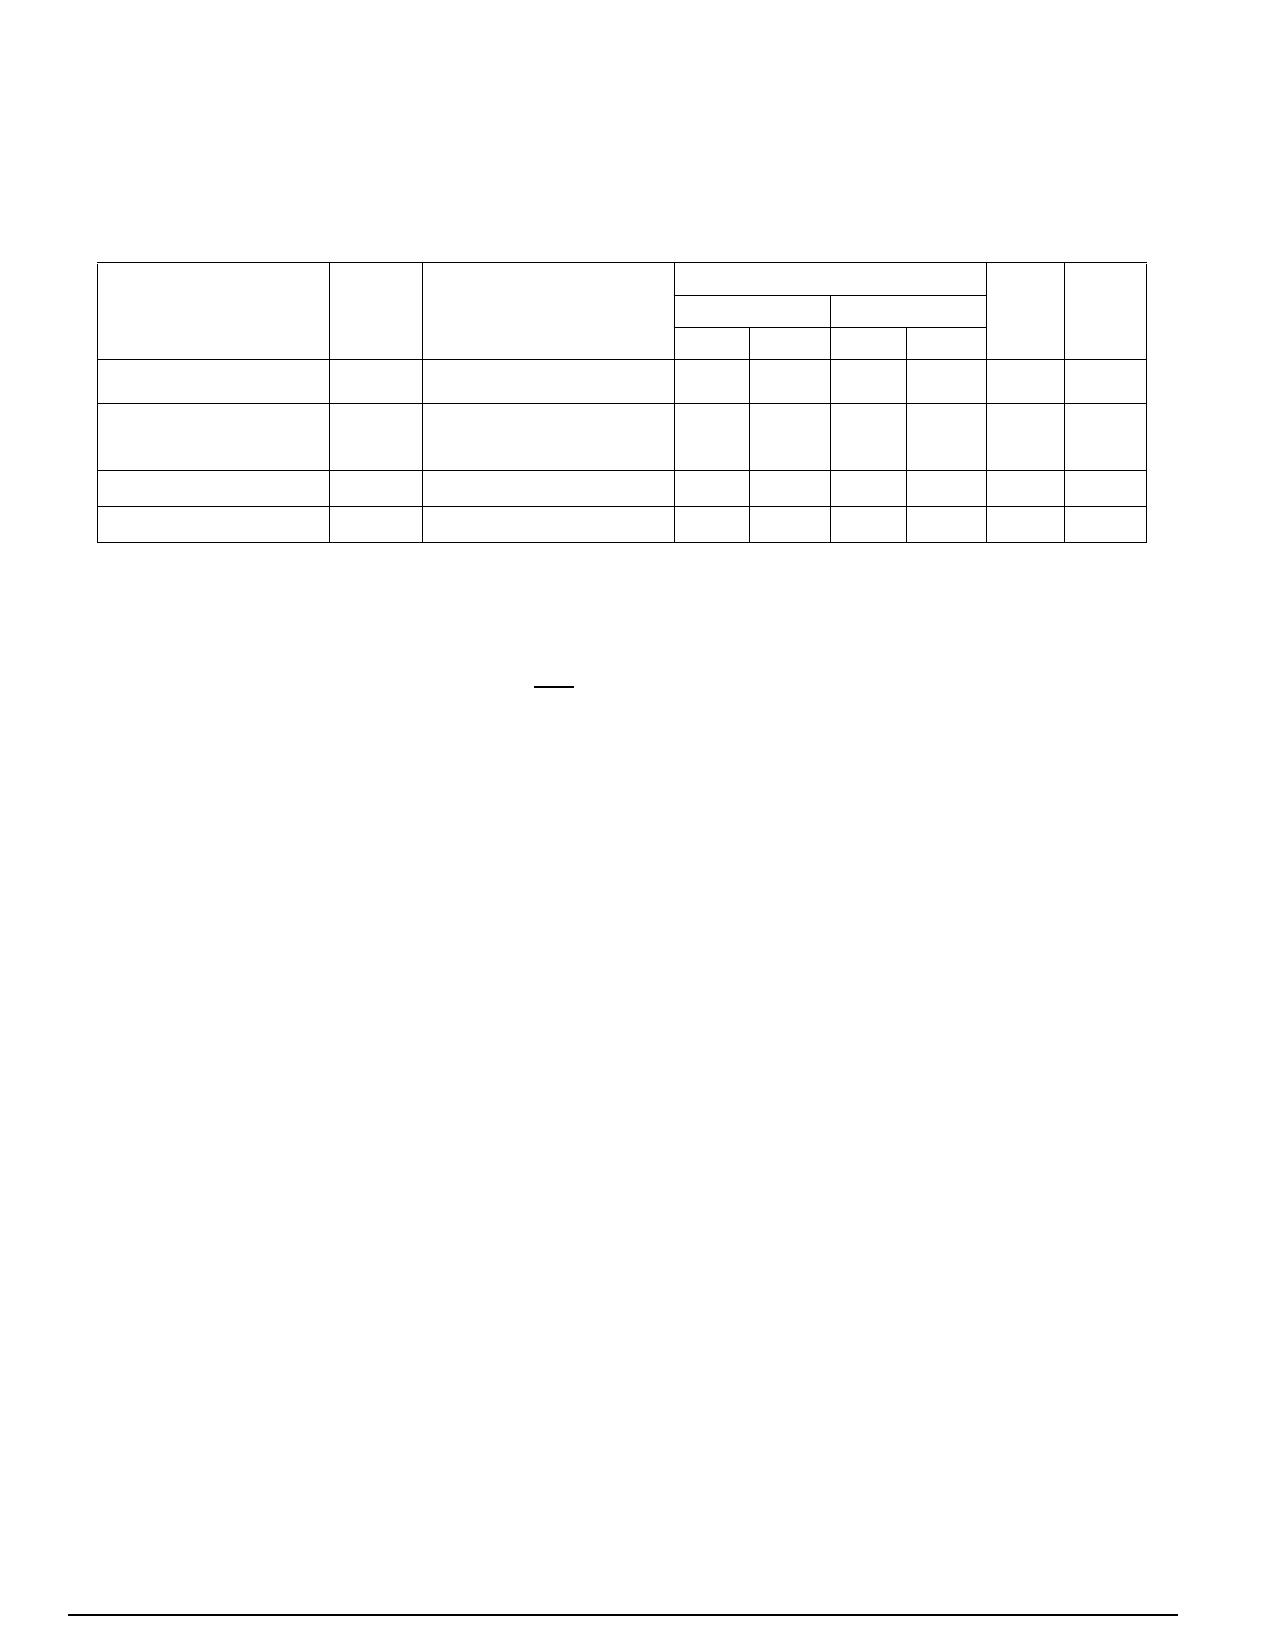 AD401M81VPA-5 diode, scr